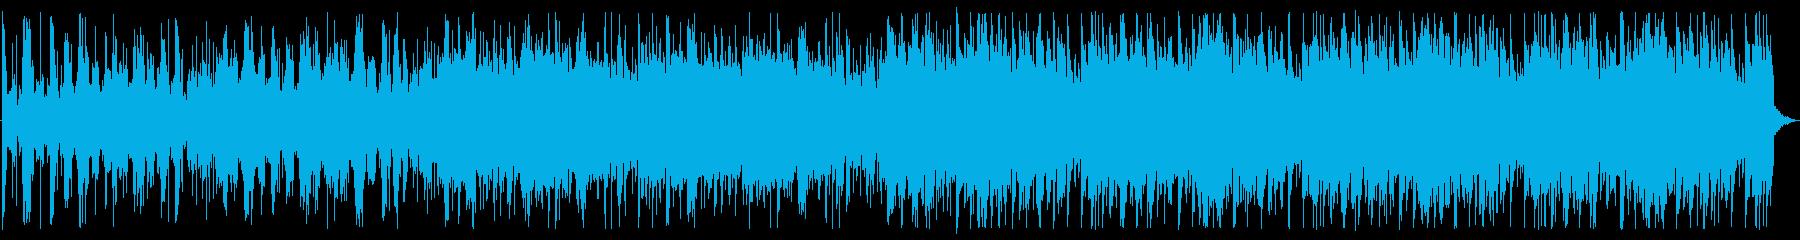 開放的/宇宙/エレクトロ_No602_2の再生済みの波形